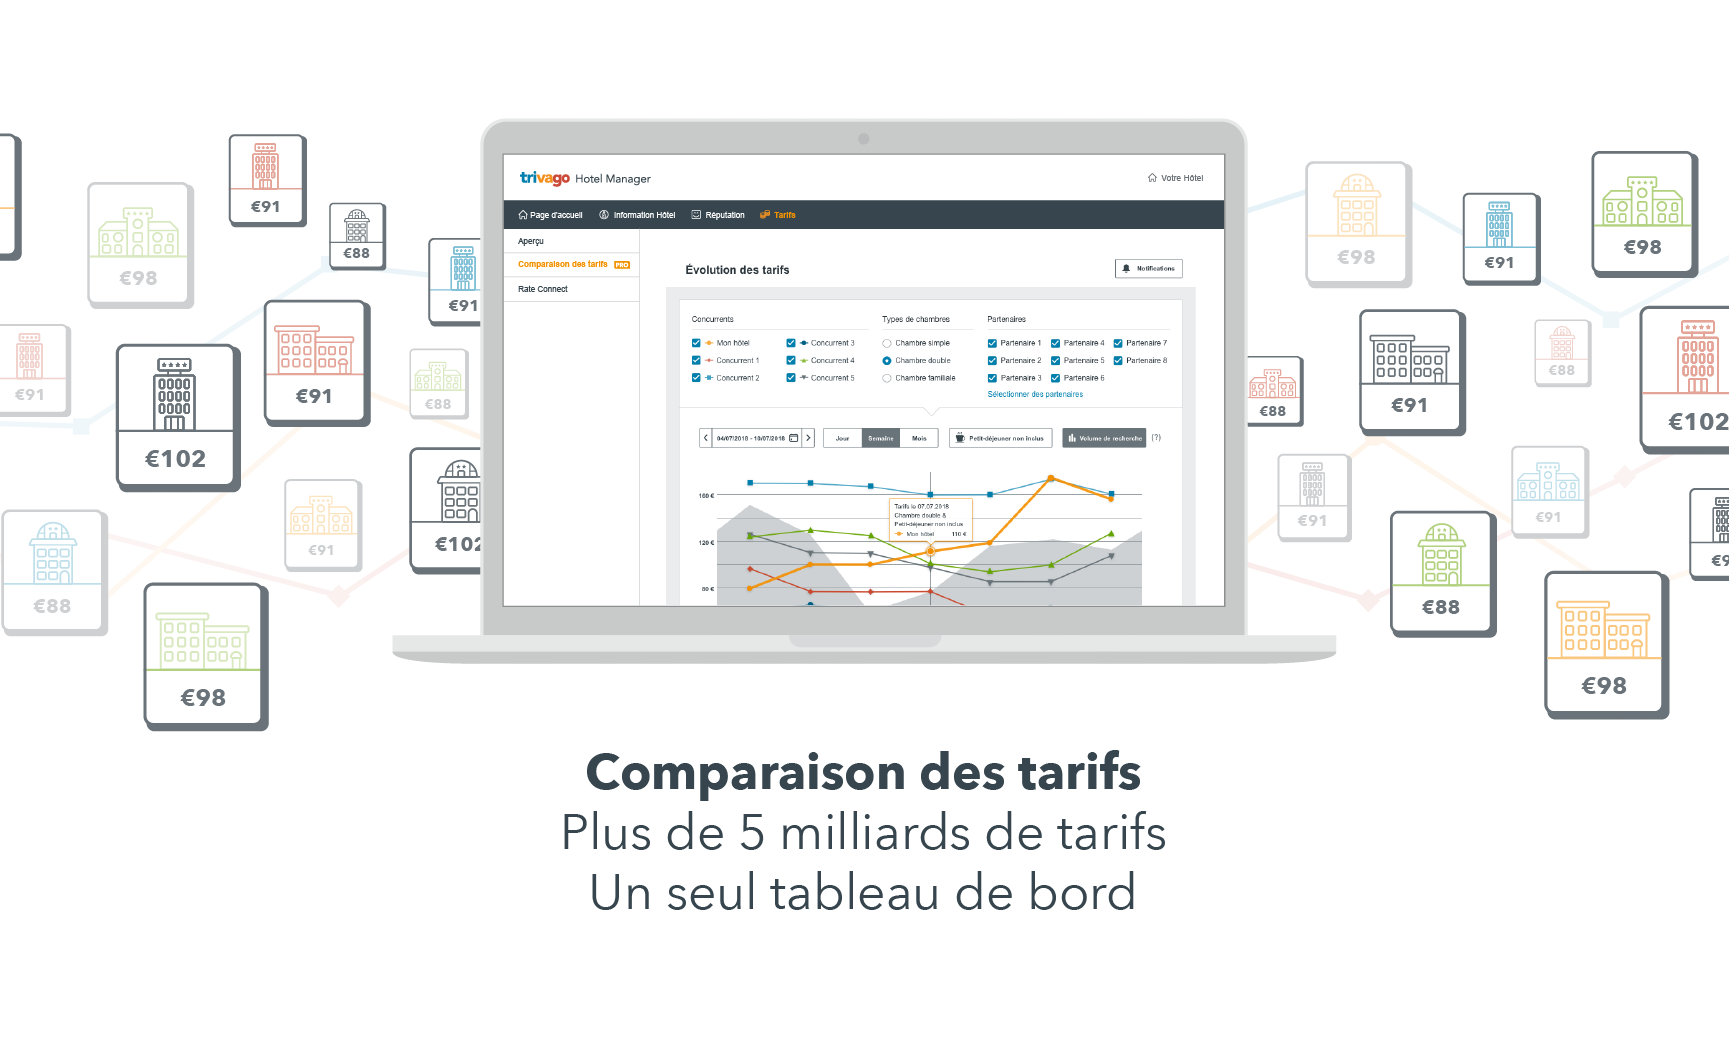 Une infographie qui illustre comment trivago donne aux hôteliers accès à plus de 5 milliards de tarifs et un moyen de les comparer sur un seul tableau de bord avec la Comparaison des tarifs.